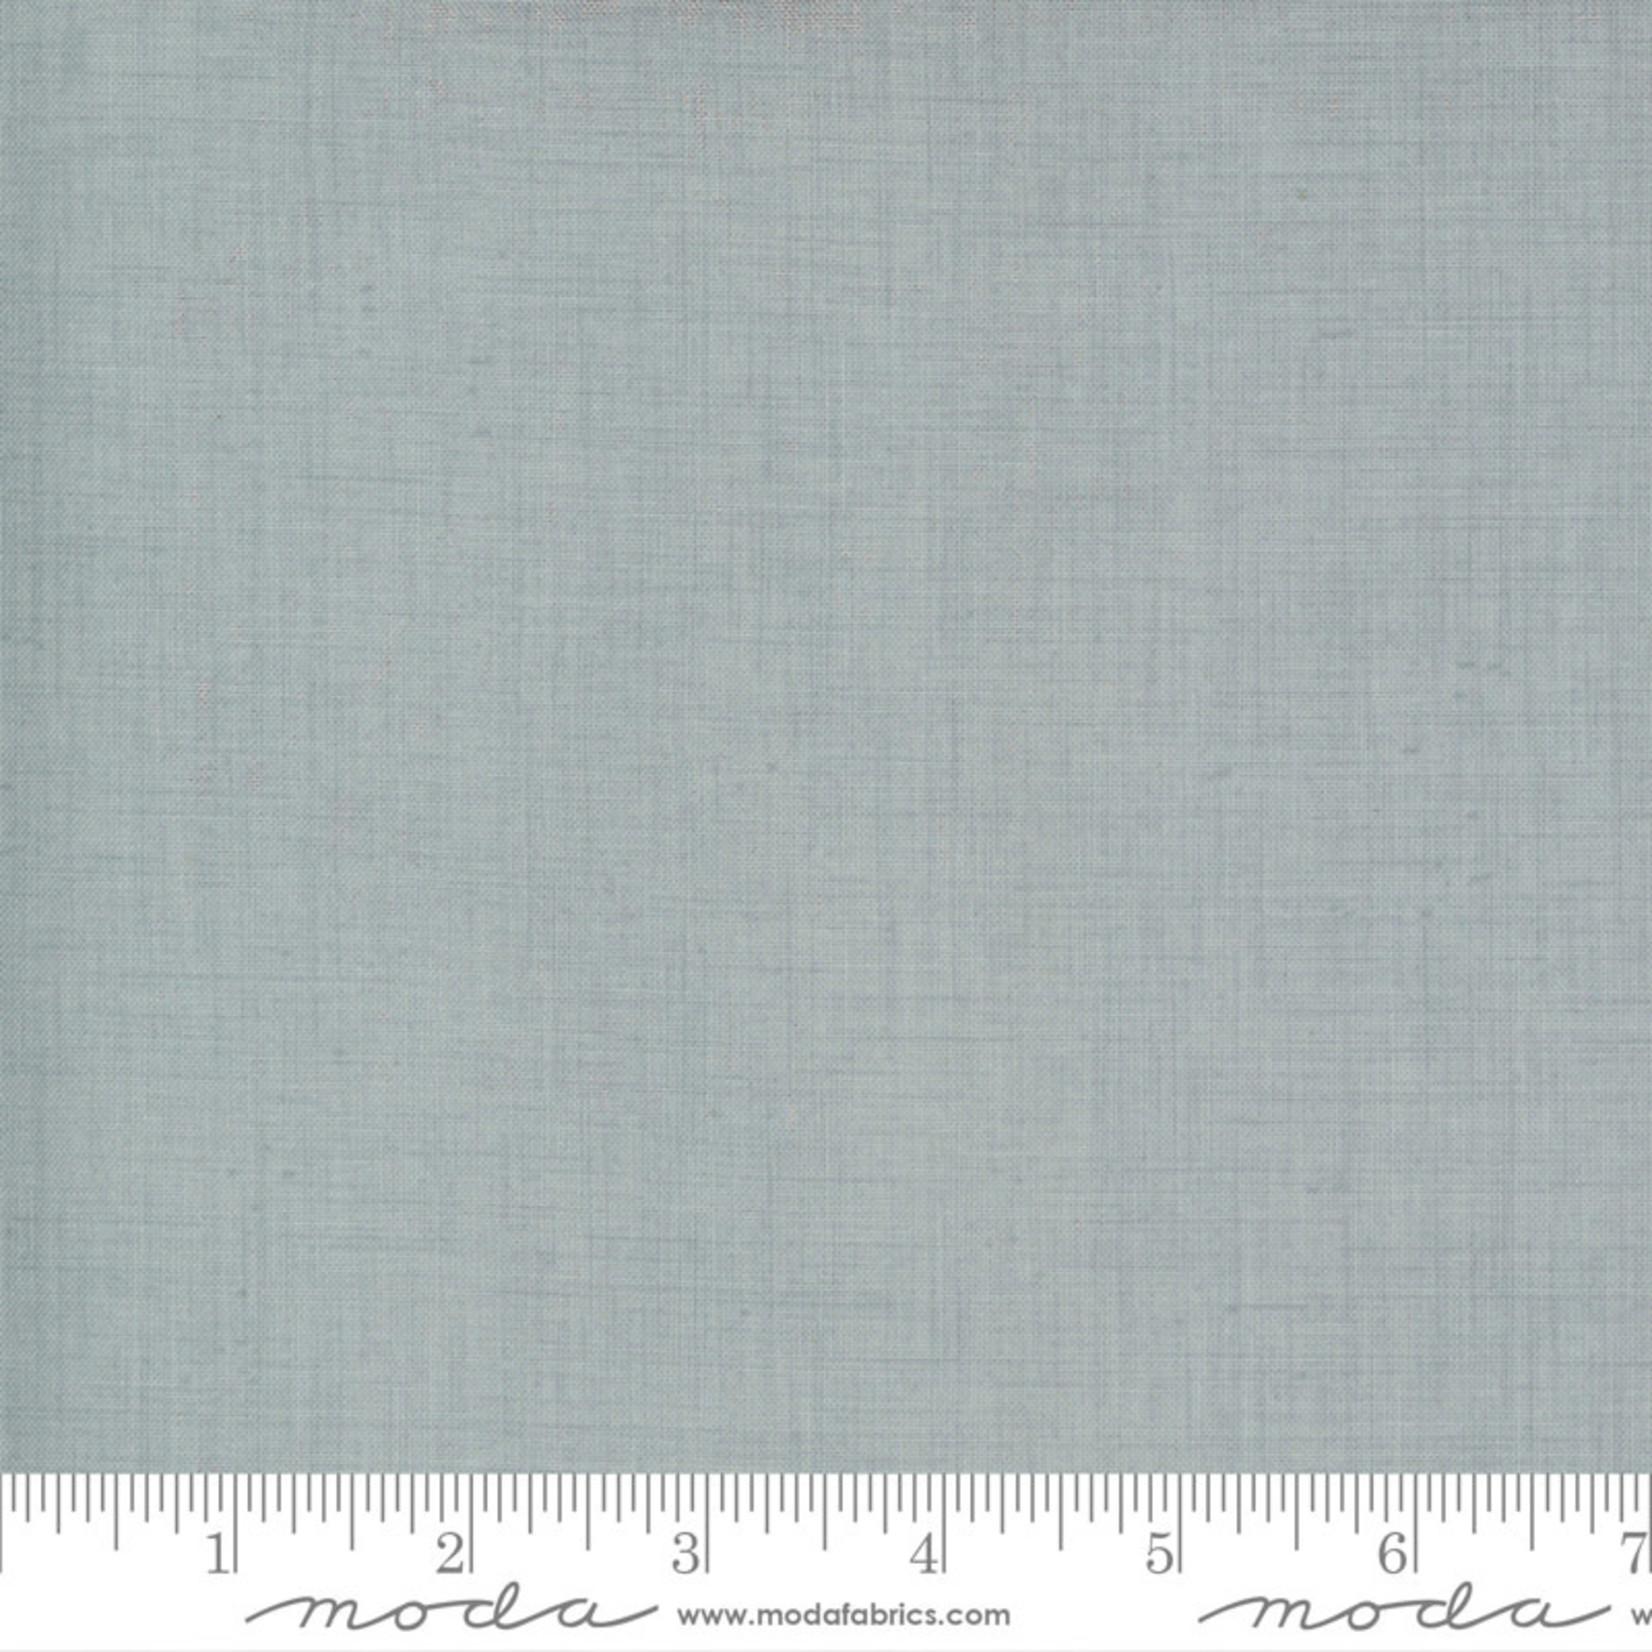 French General Jardins De Fleurs, Linen Texture, Ciel Blue 13529-169 $0.20 per cm or $20/m